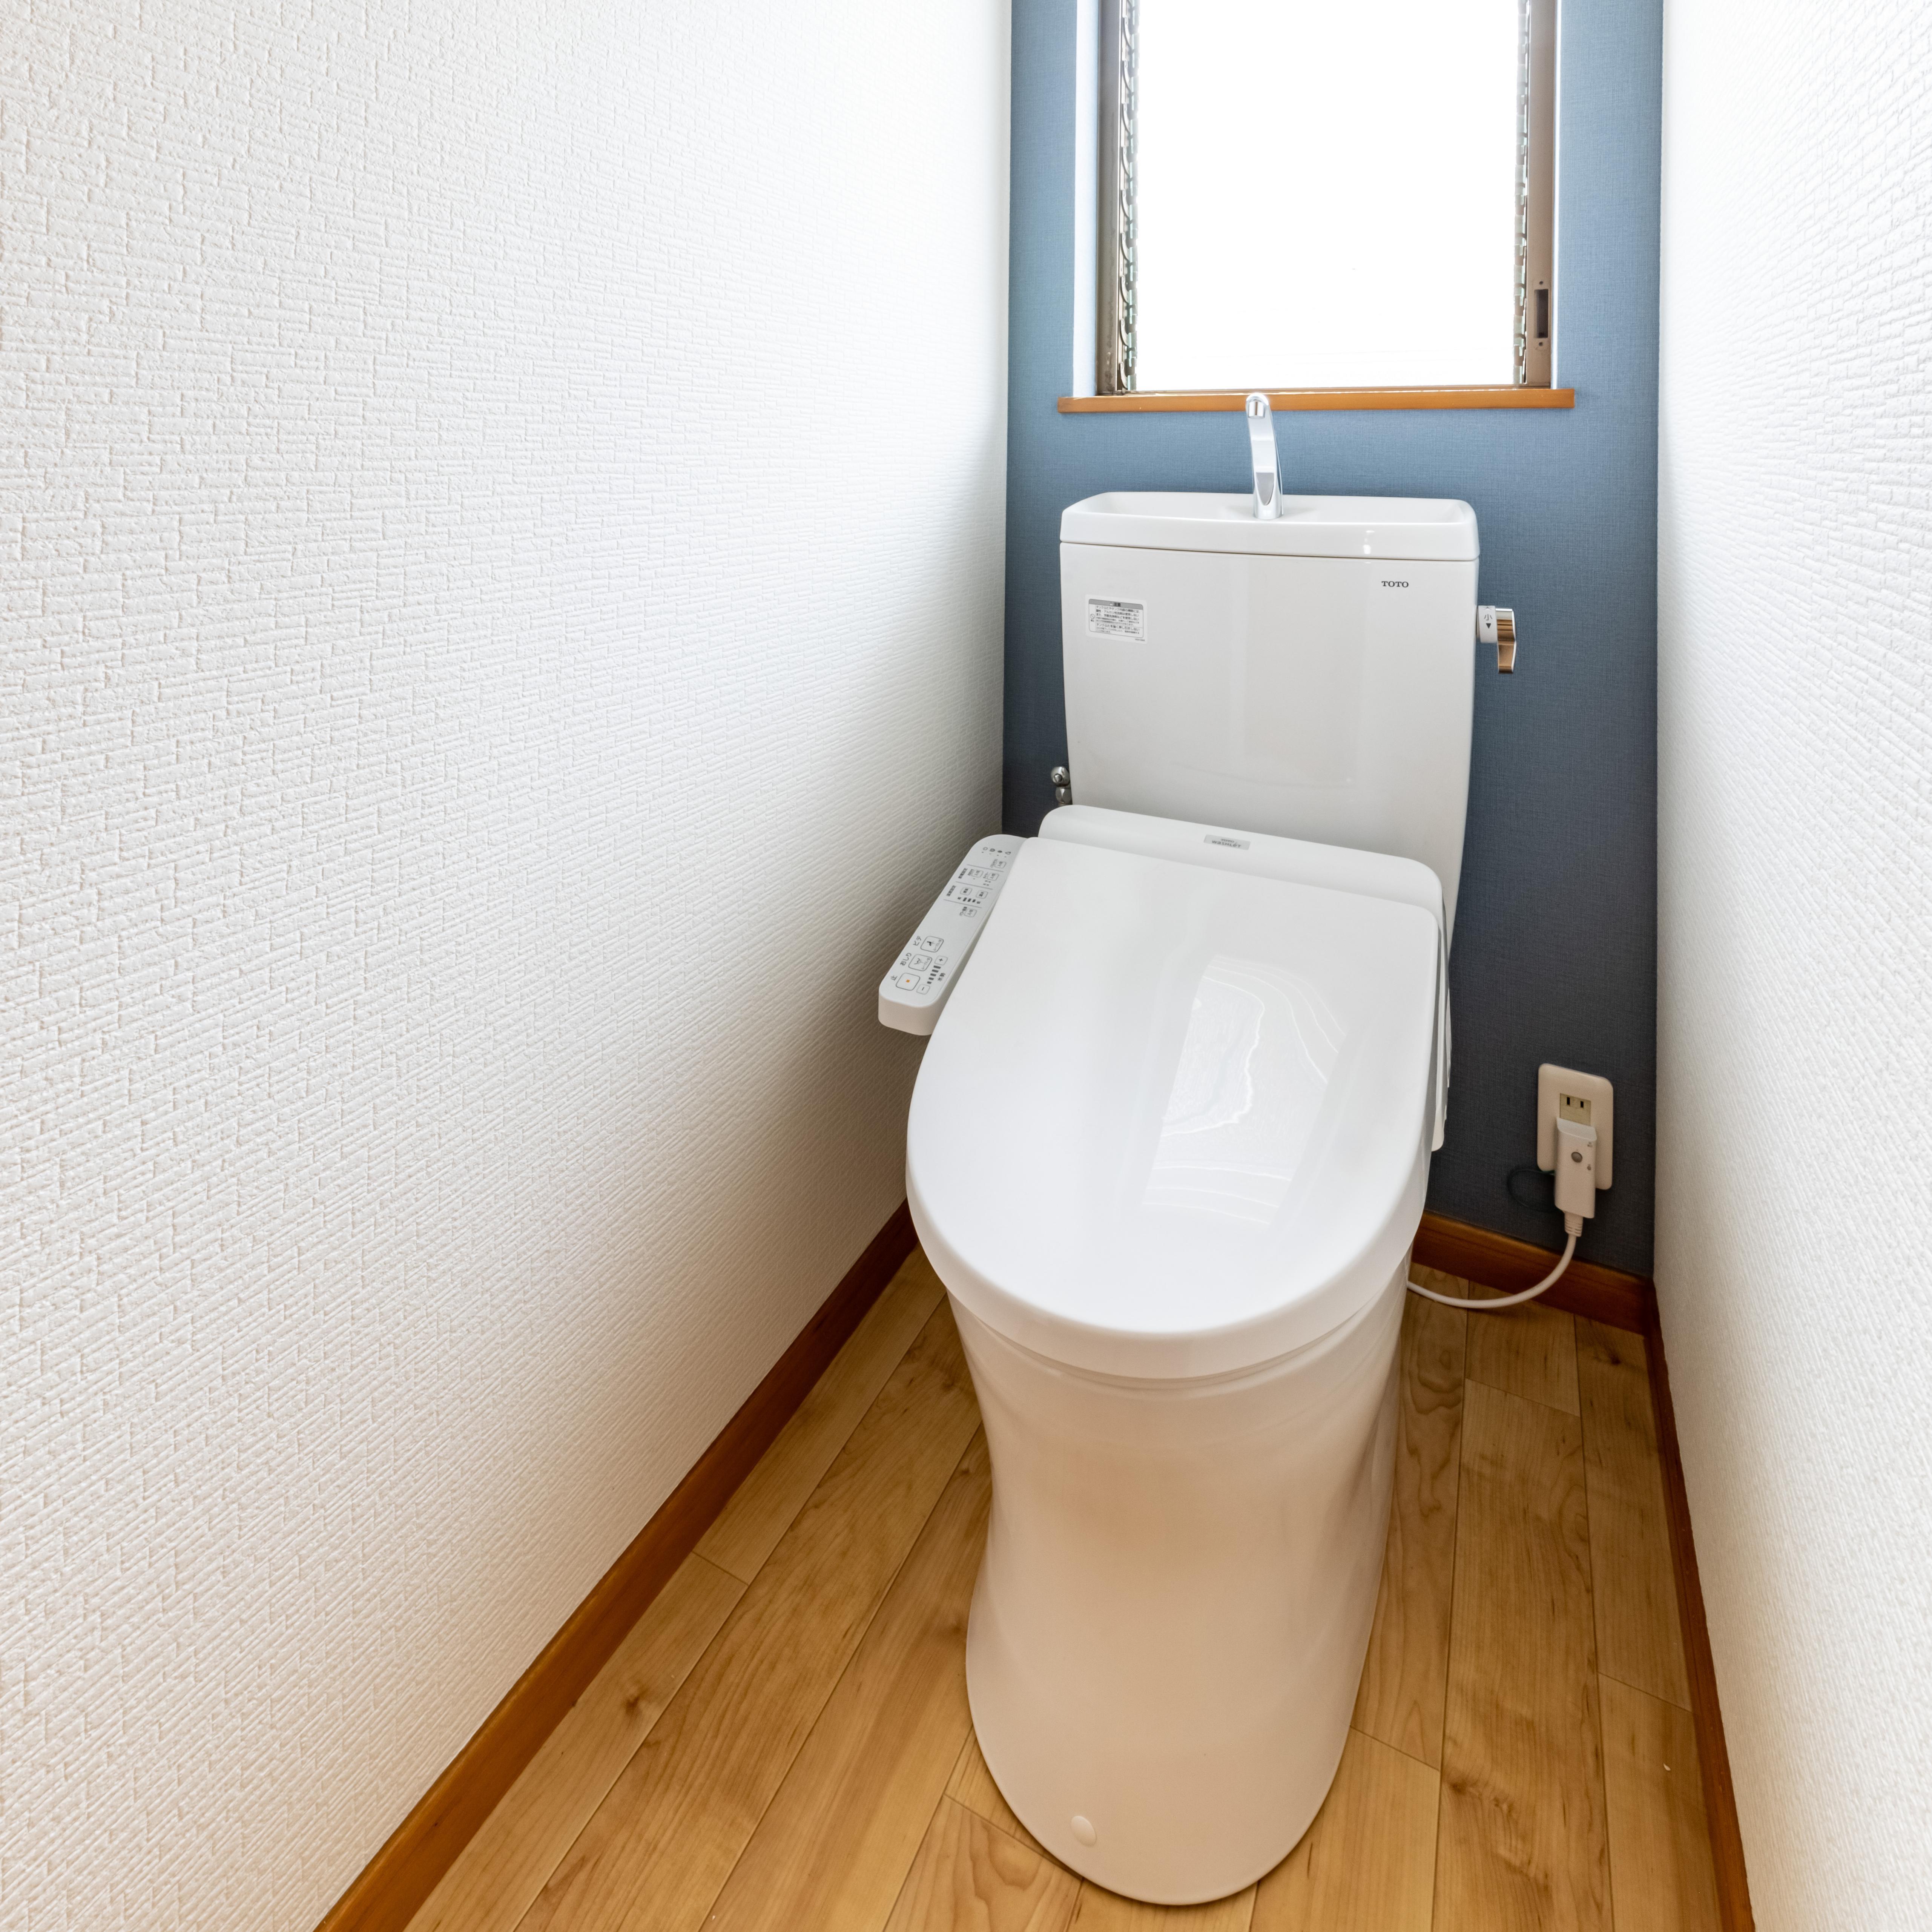 フロアタイルの床/汚れは許しません/セフィオンテクト/トルネード洗浄/手洗い付きトイレ...などのインテリア実例 - 2021-07-25 10:21:06